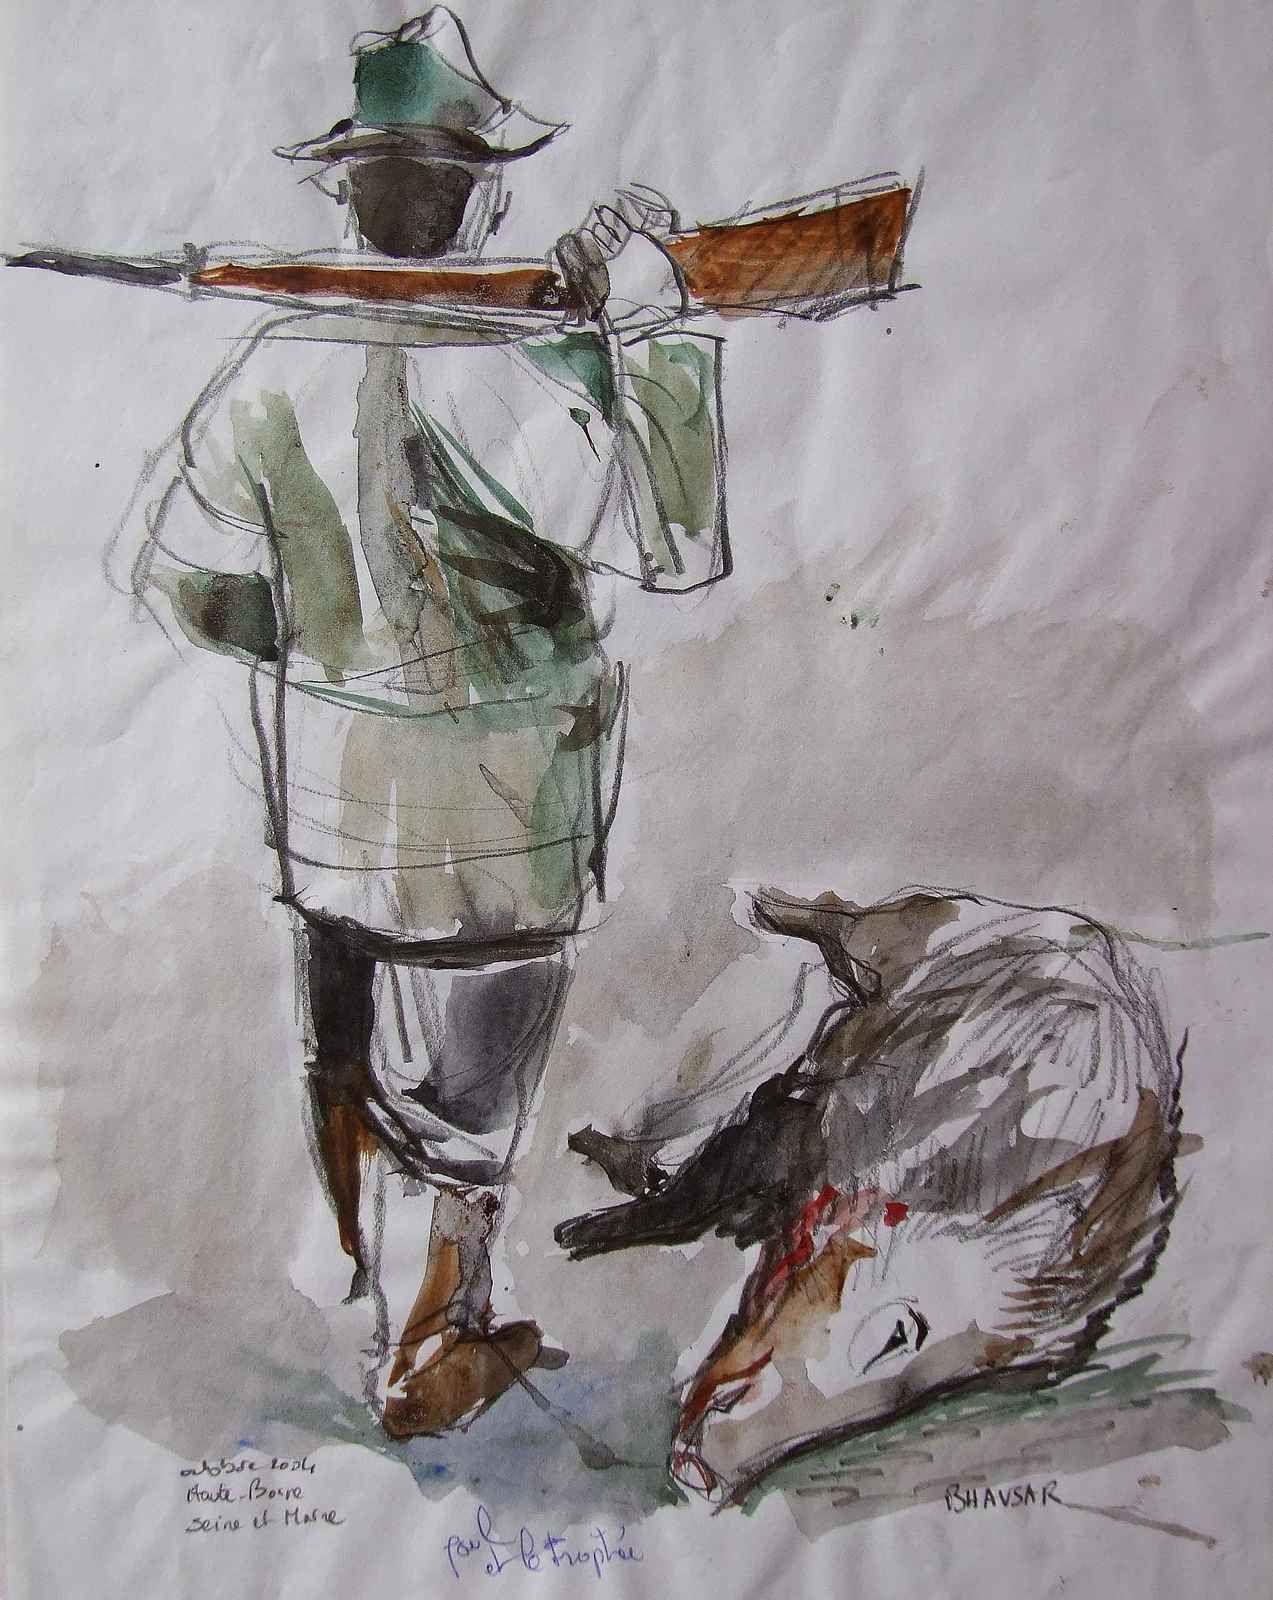 En suivant les chasseurs, ma seule arme est mon pinceau. C'est plus inoffensif pour les animaux, et je m'en porte tout aussi bien.